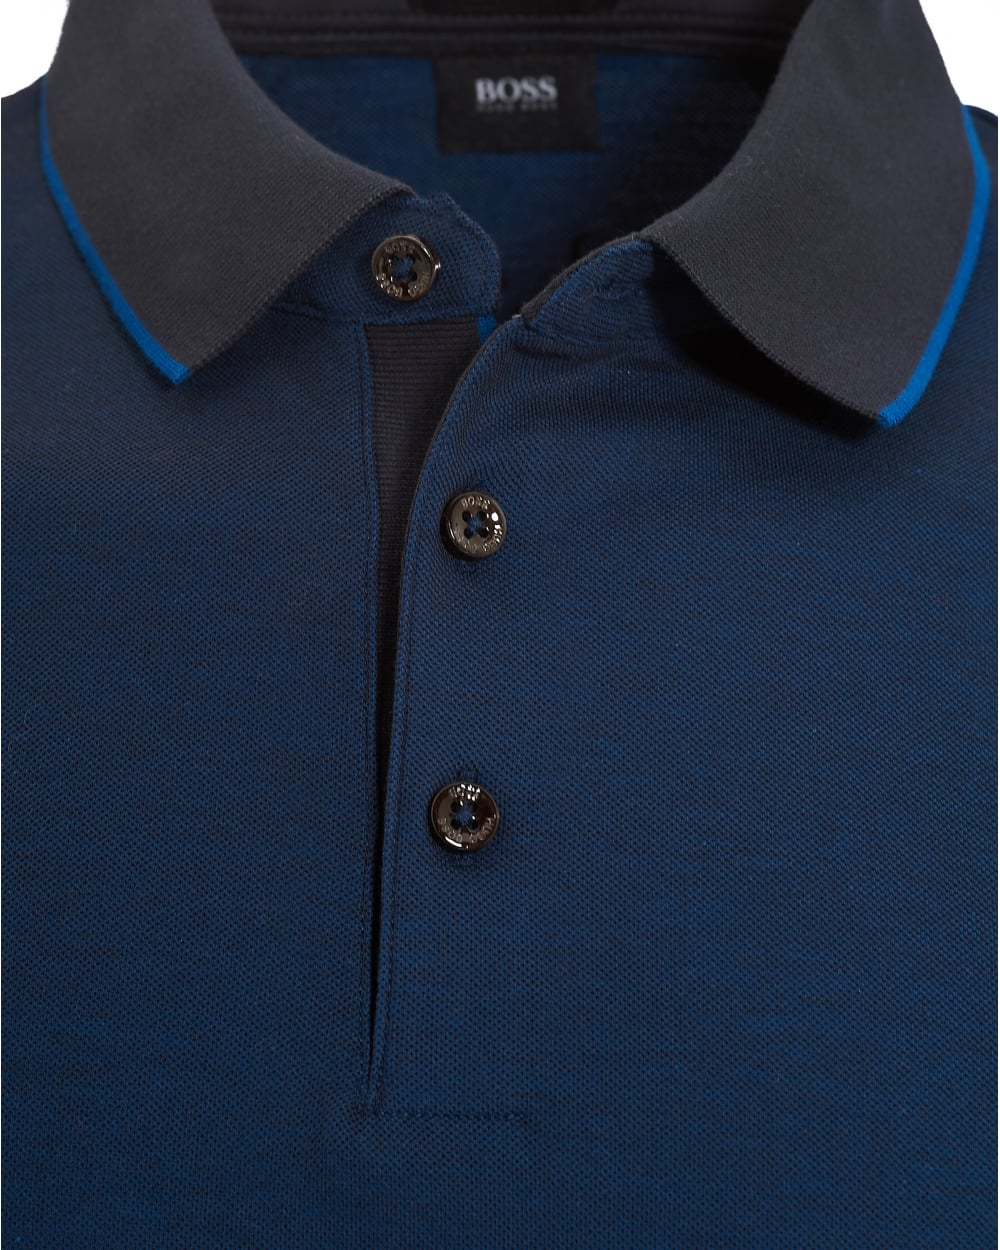 Boss Long Sleeve Polo Shirt